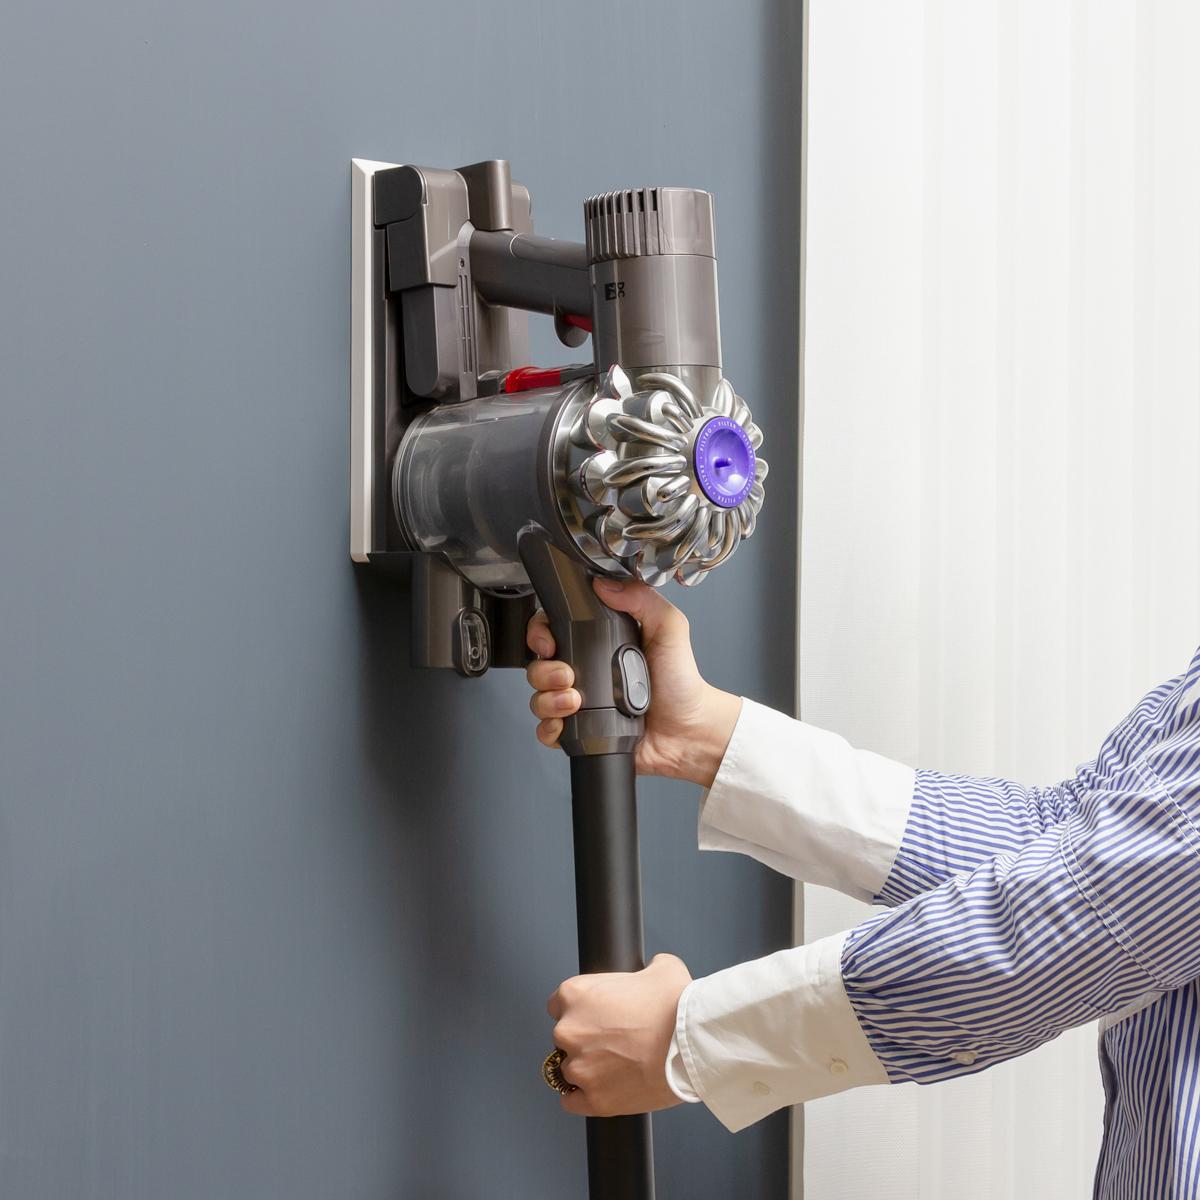 目についたゴミをすぐ吸いとる習慣で、部屋はグッとキレイに。コードレス掃除機をスマートに壁掛けできるフック|Pinde(ピンデ)